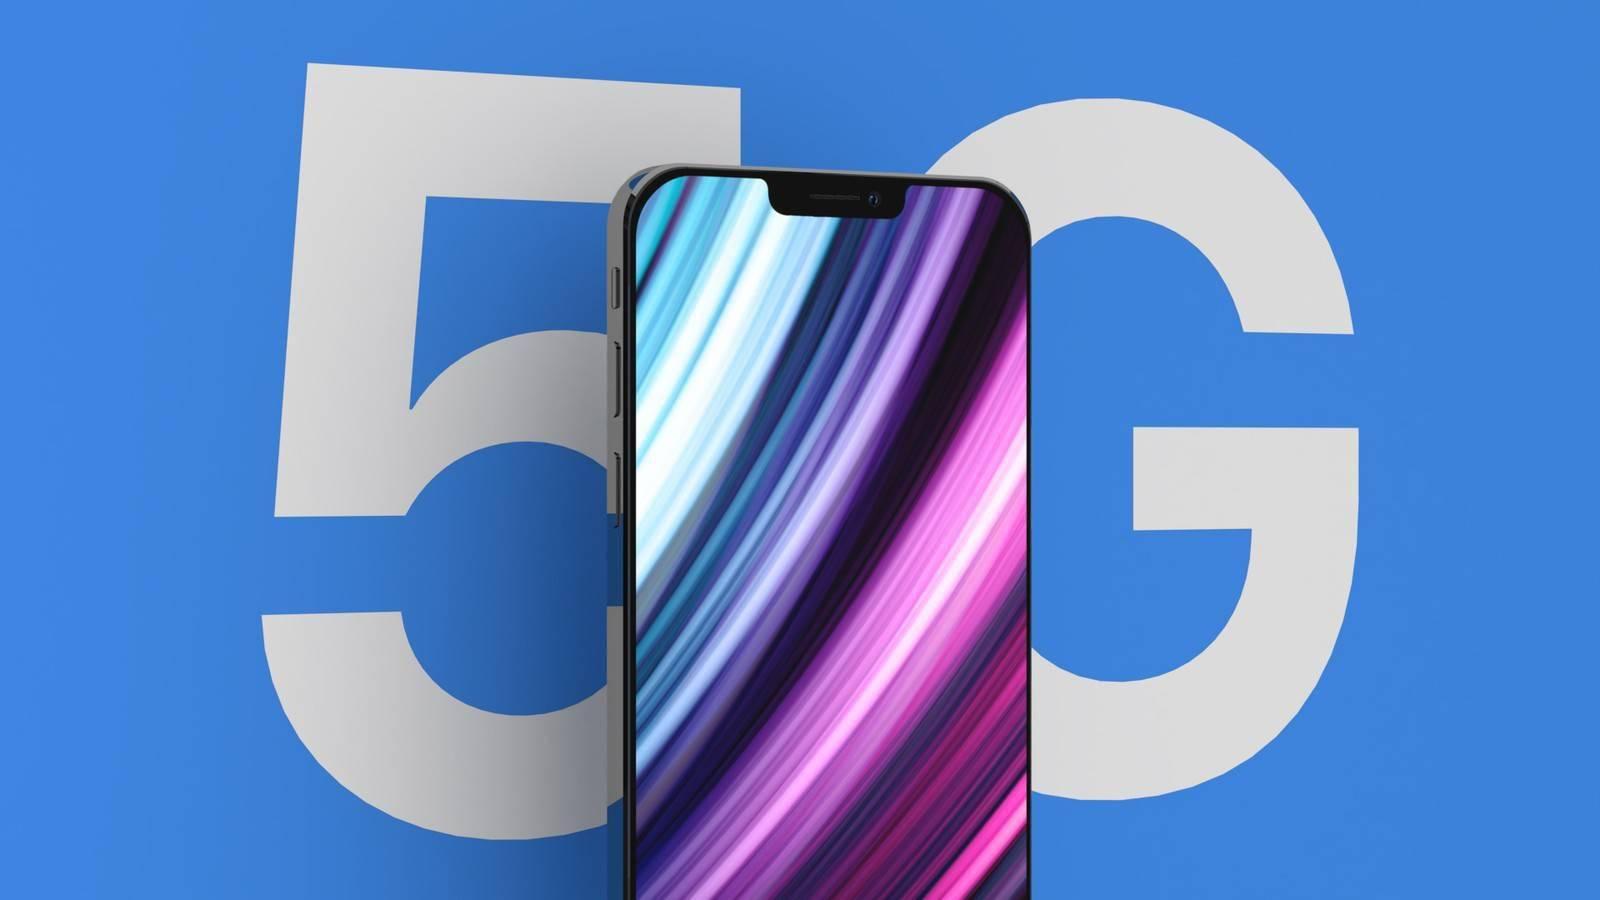 iPhone 12在英国推出后可能会遭遇5G覆盖问题